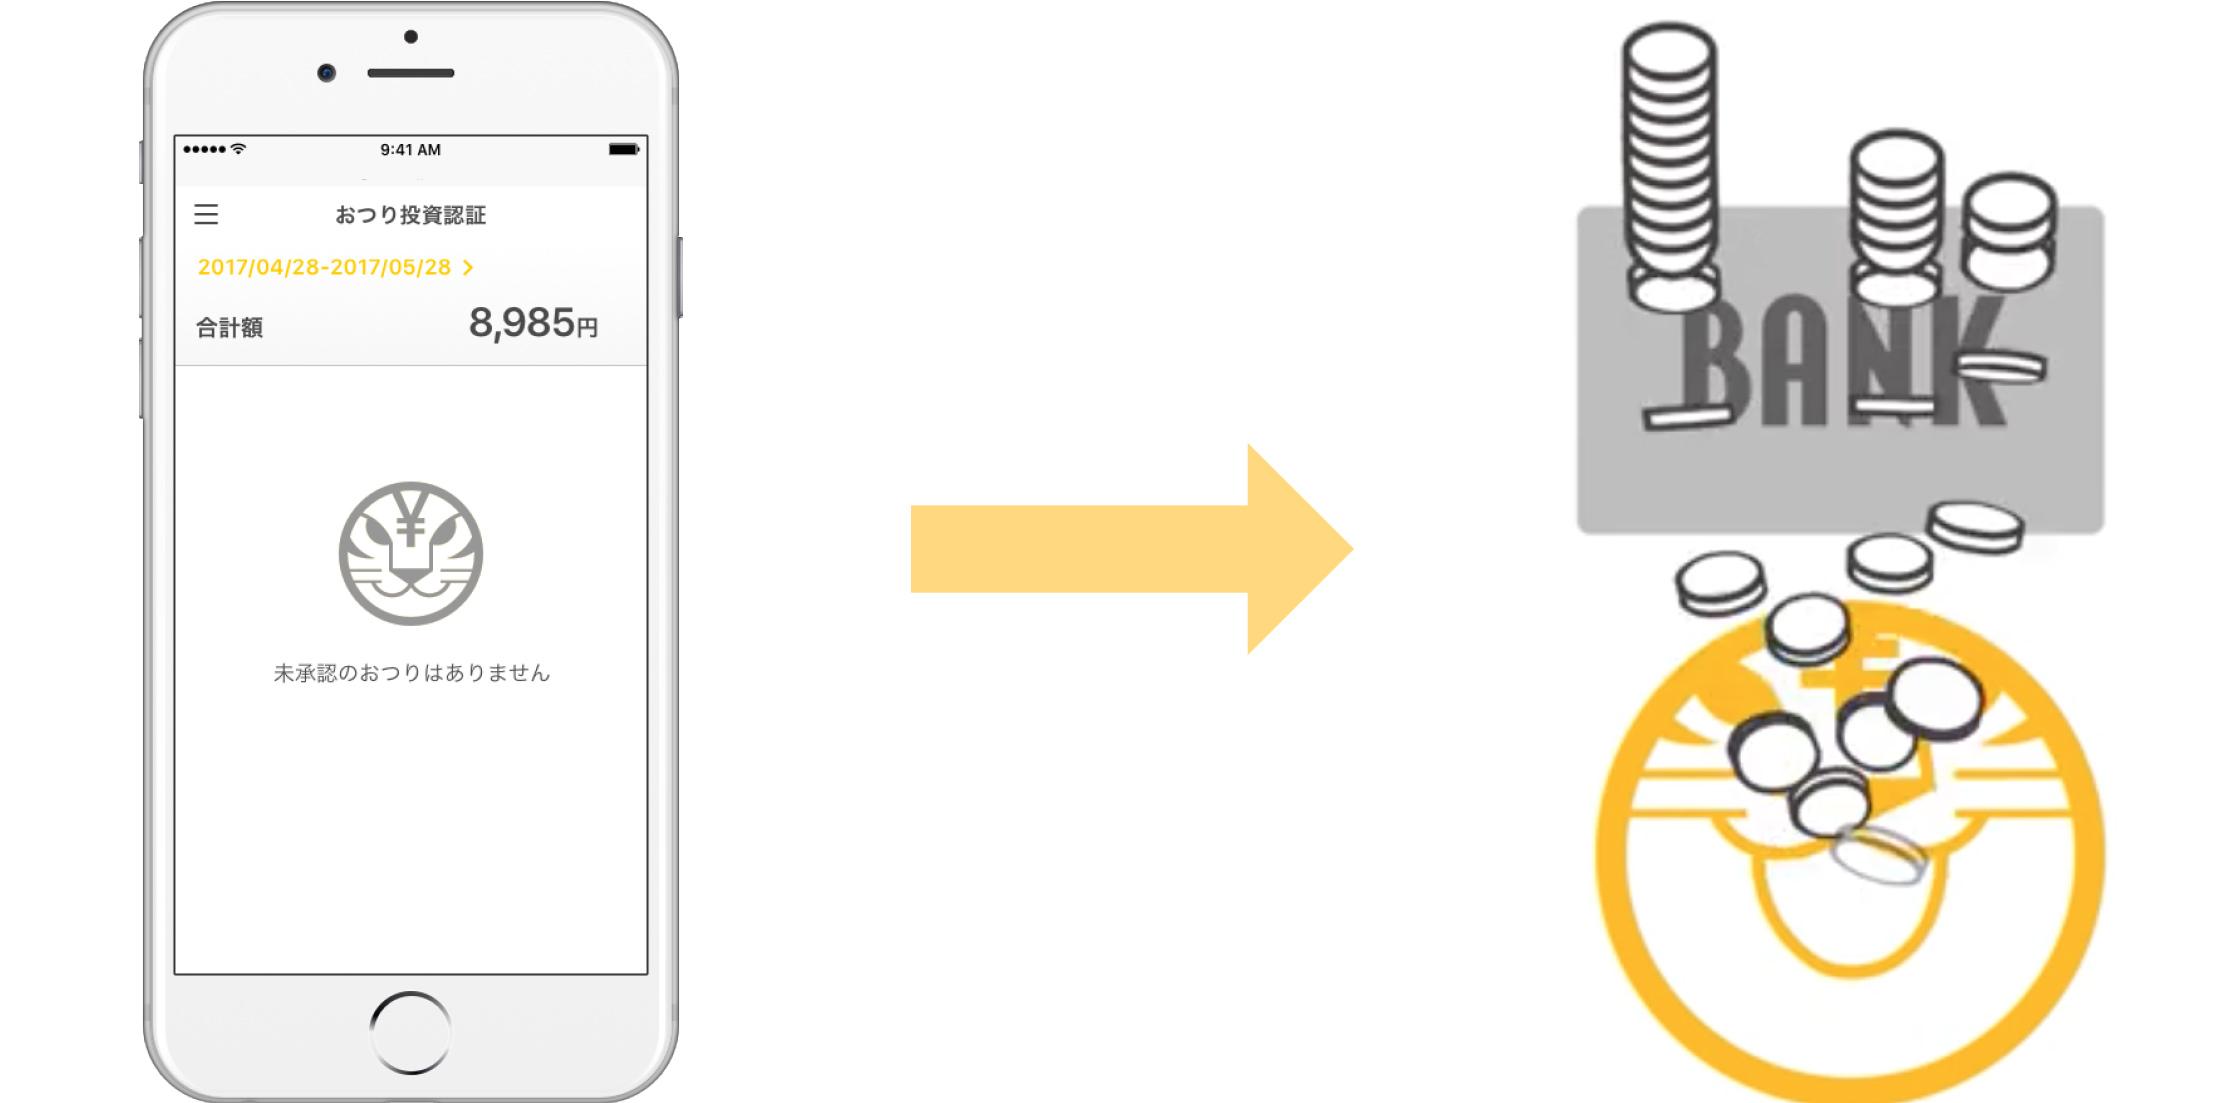 おつりで長期分散投資アプリ「トラノコ」で選択したおつりが、自動で投資に